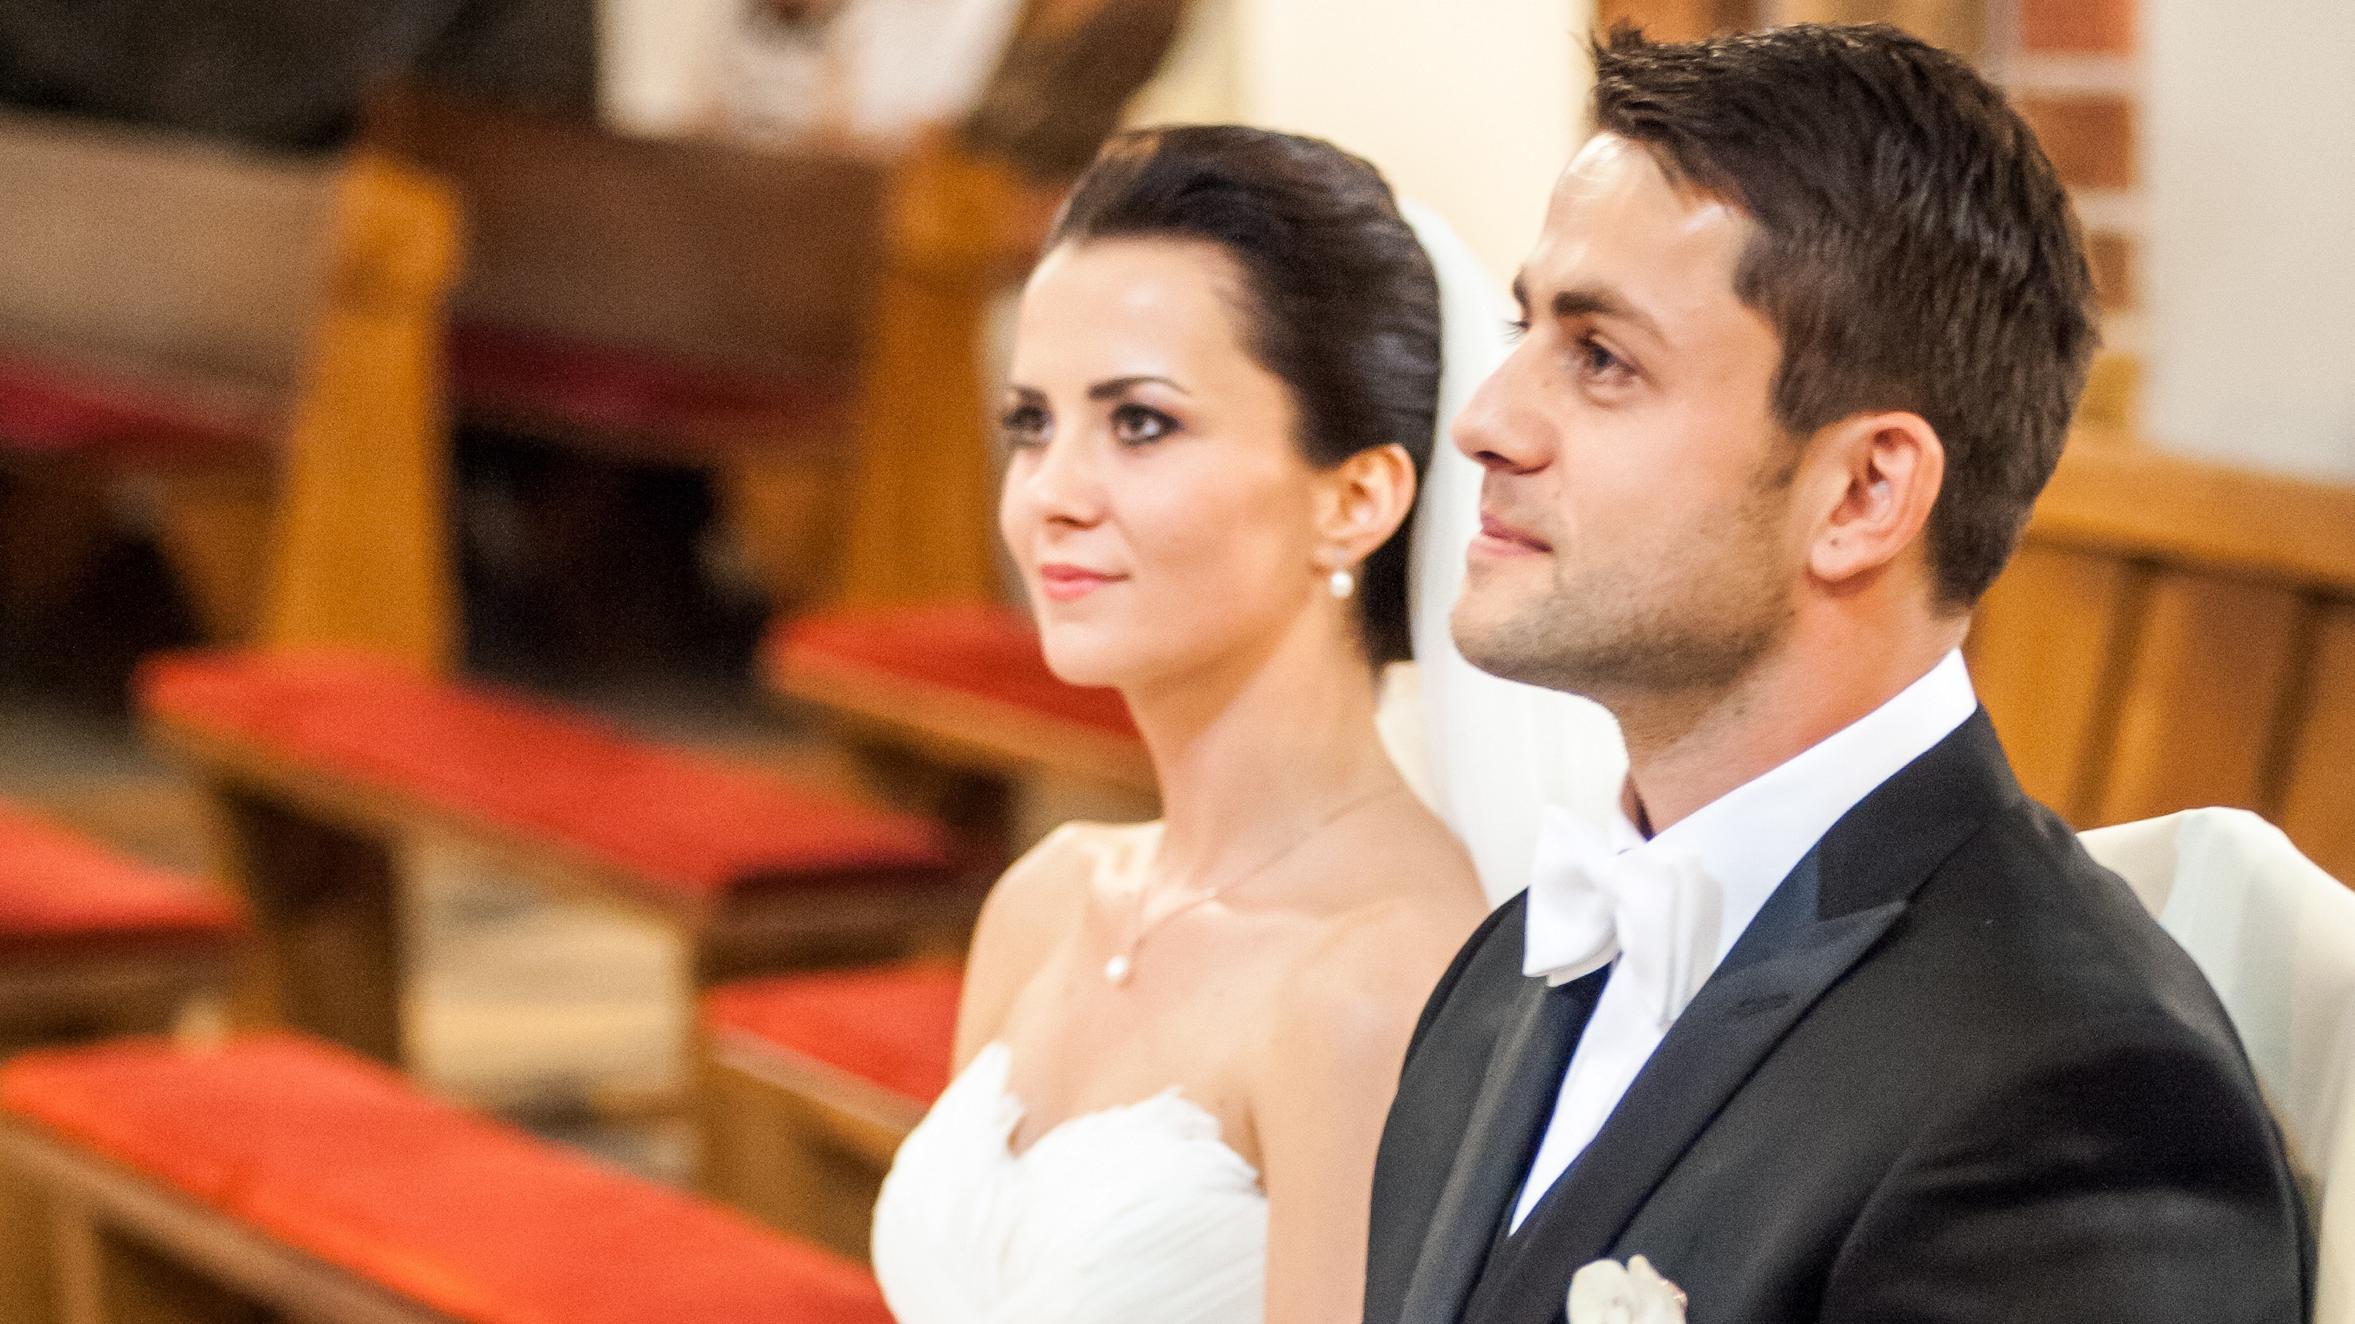 Anna Fabiańska Piękna żona łukasza Fabiańskiego Sport